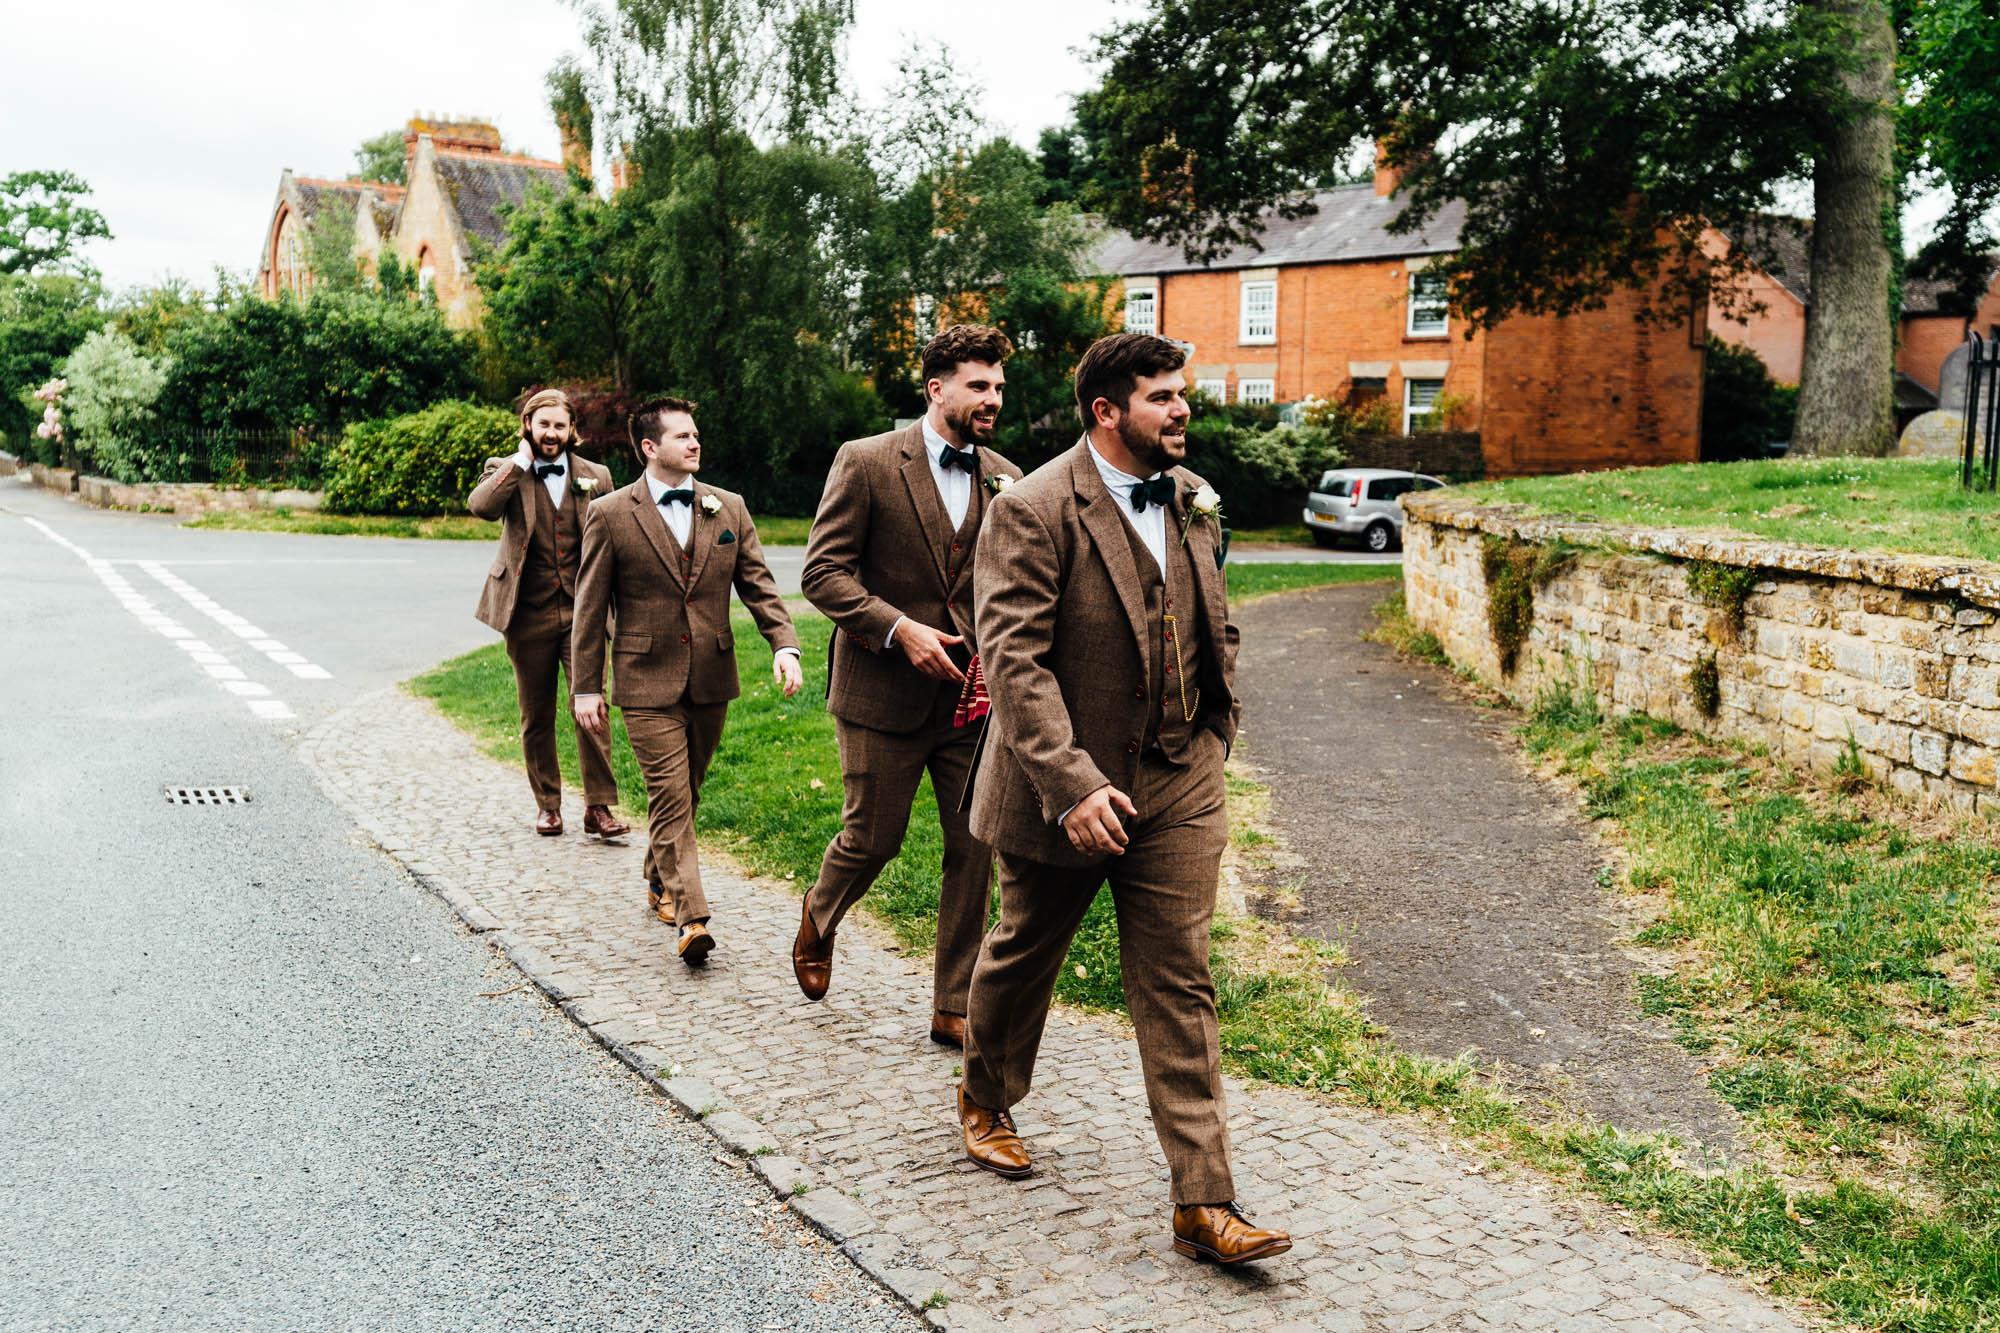 village-fete-wedding-10